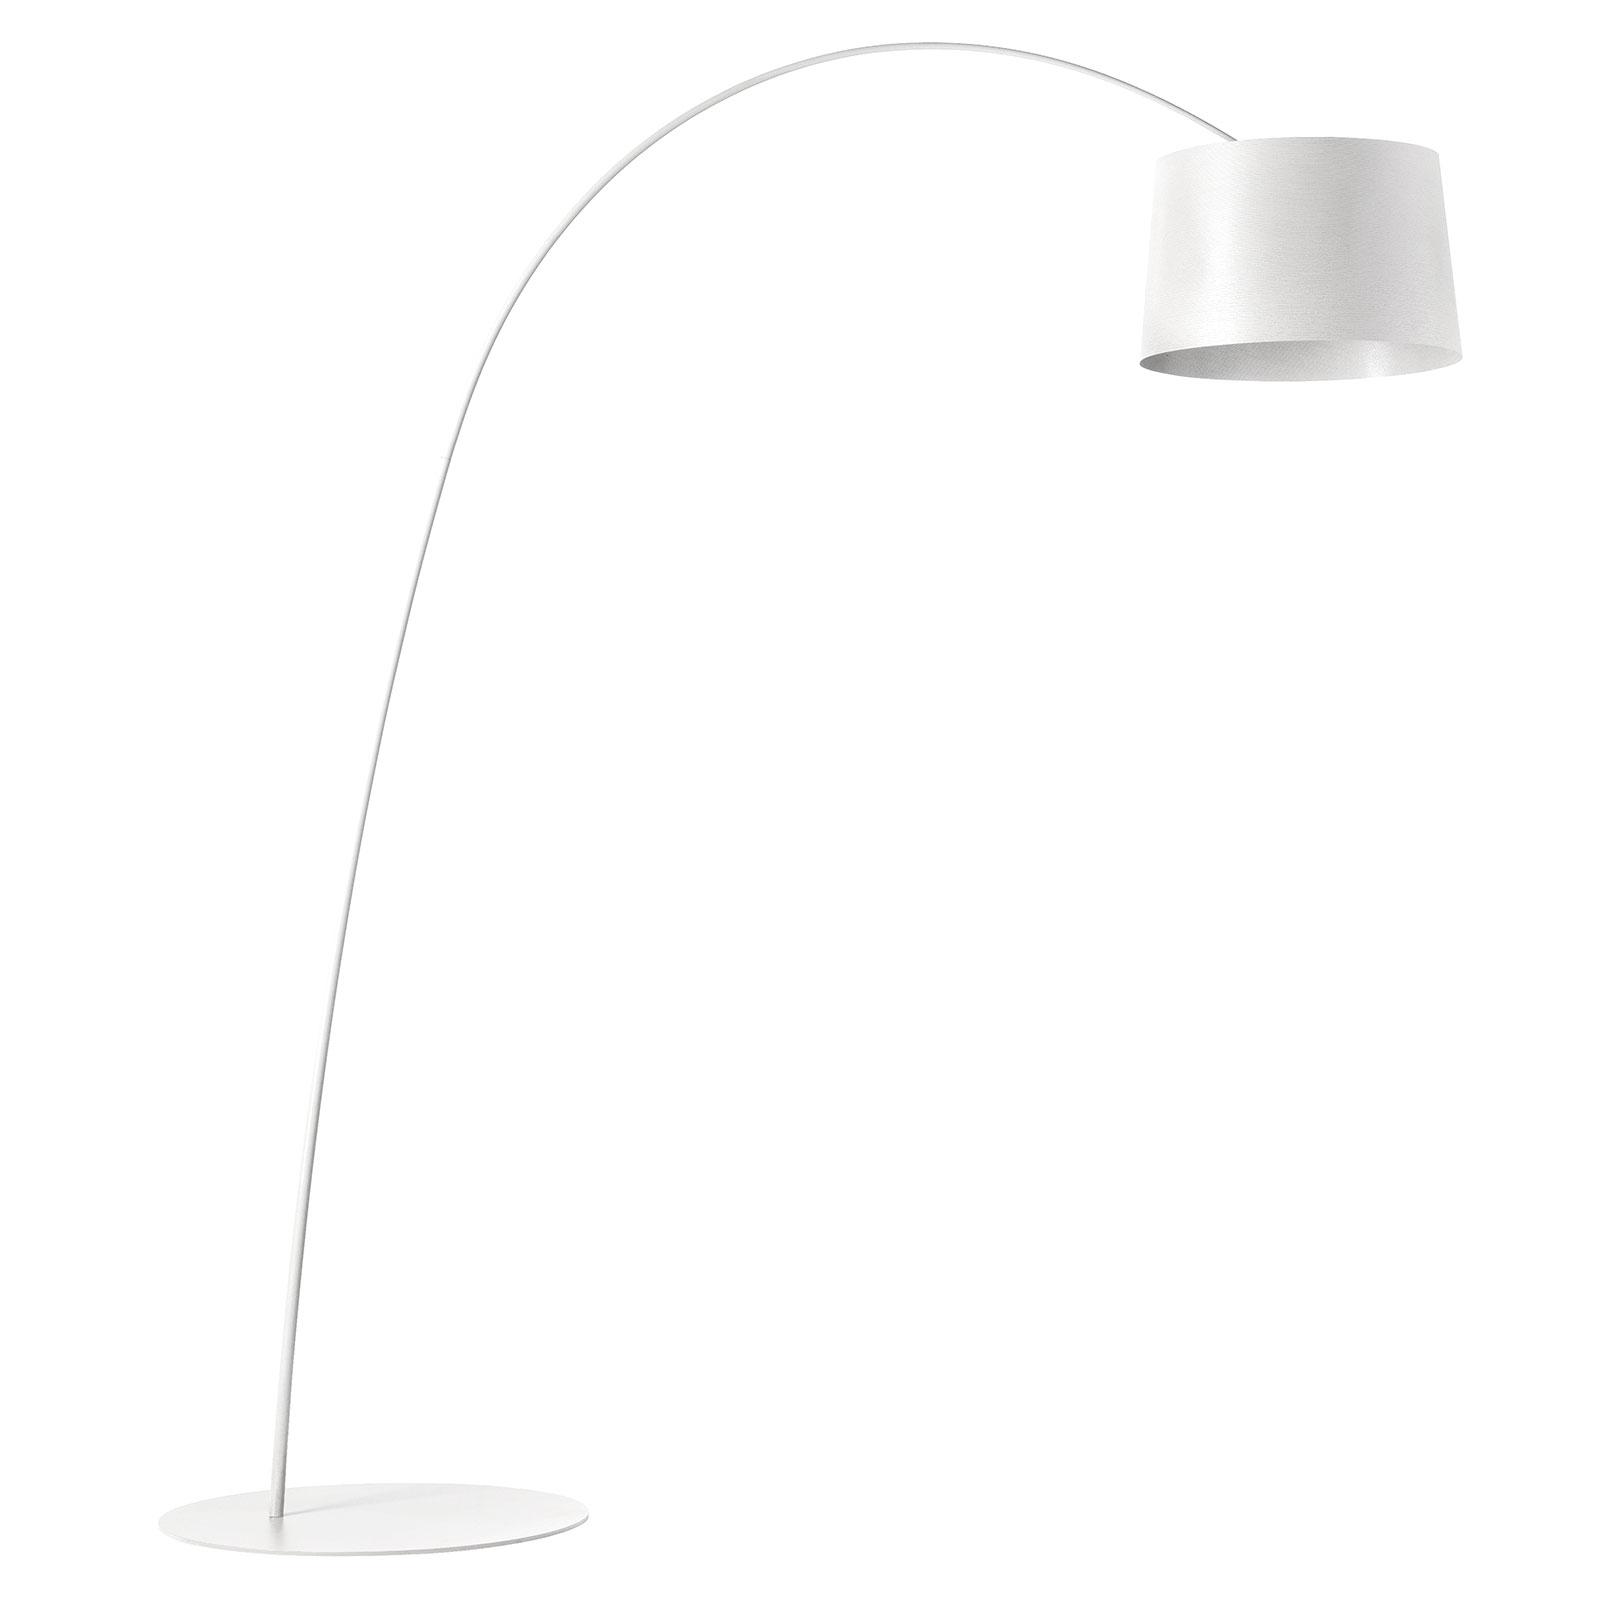 Foscarini Twiggy LED-buelampe, hvit